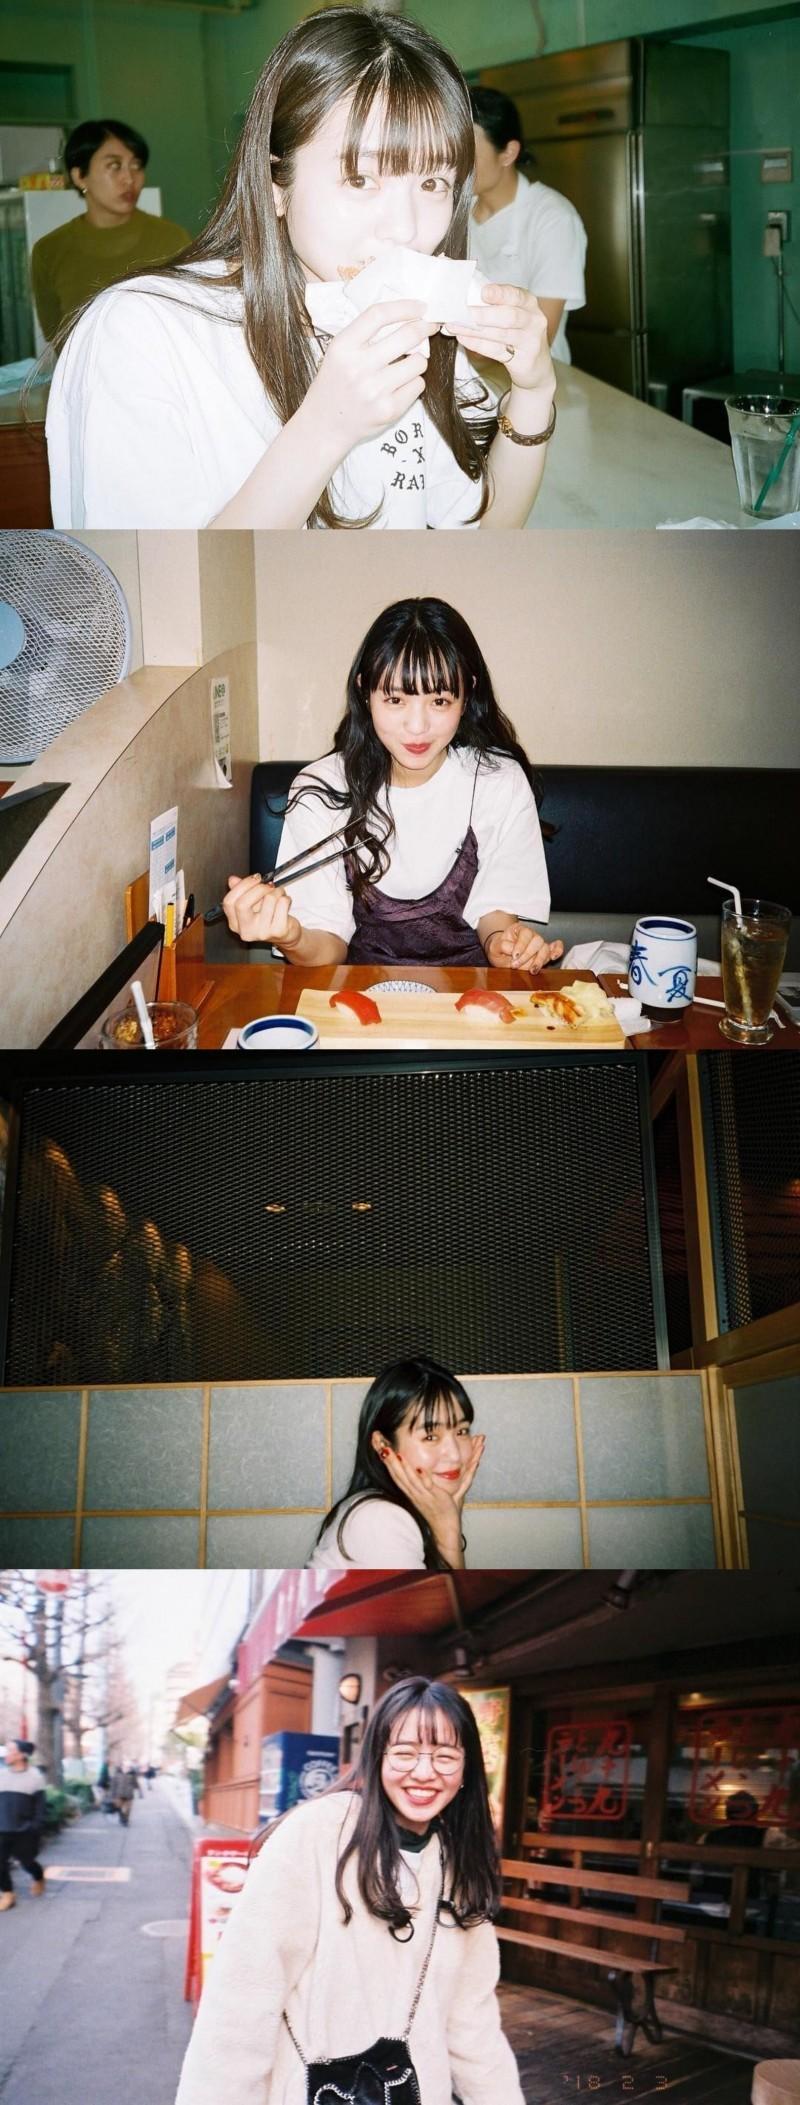 【波多野结衣】横田真悠 胶片日常合集 可爱的女孩纸 